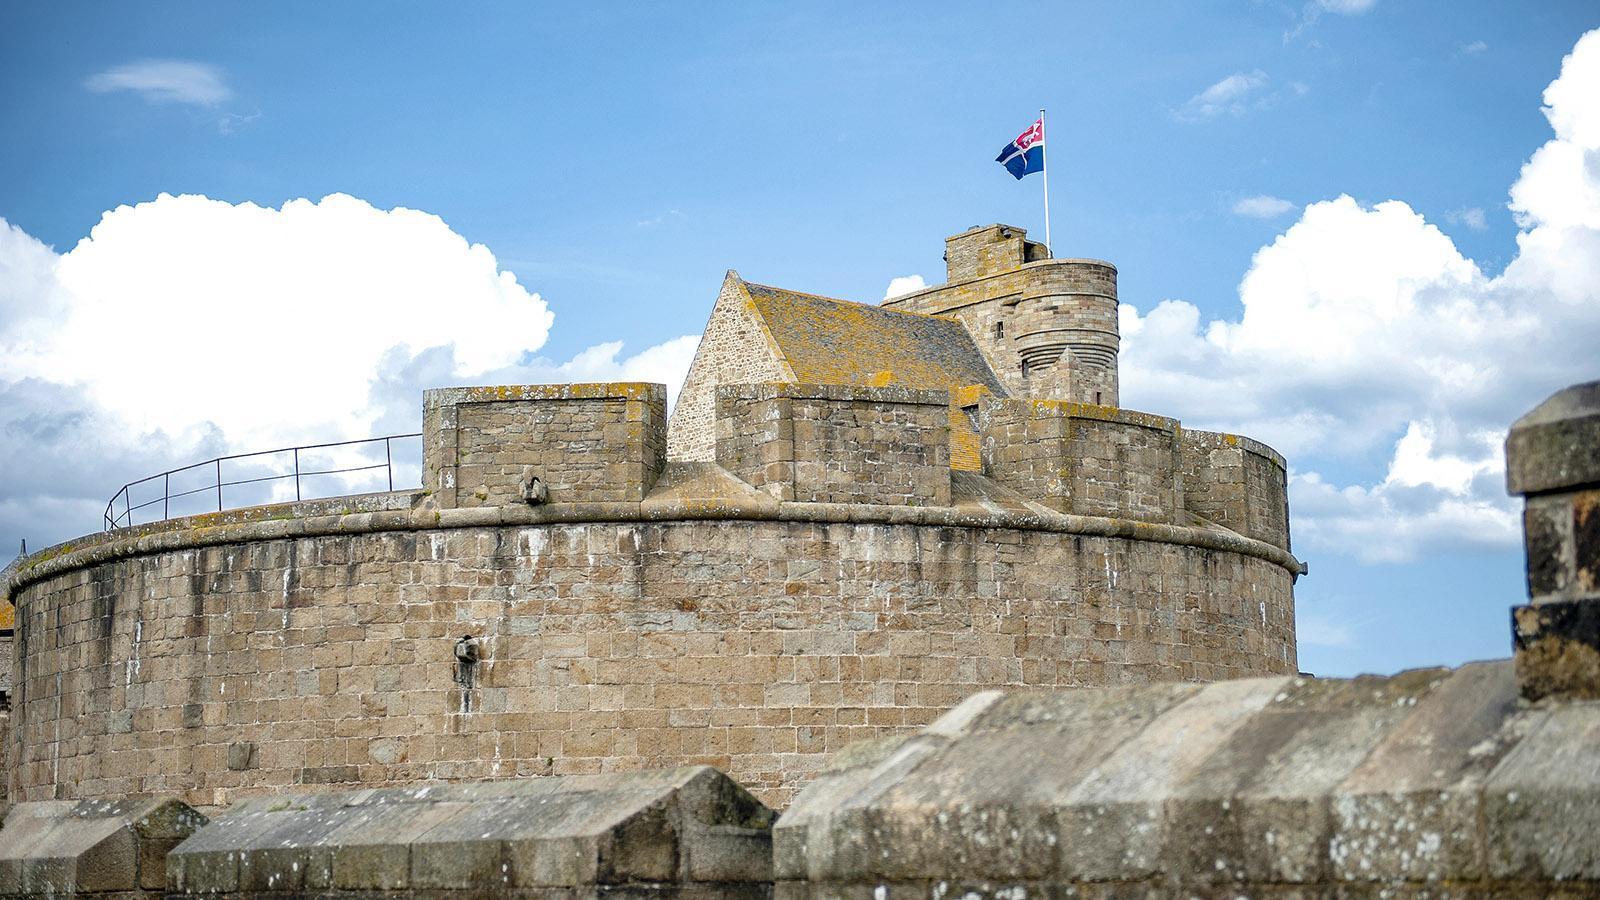 Immer wieder unterbrechen wuchtige Türme die imposante Wehrmauer von Saint-Malo. Foto: Hilke Maunder